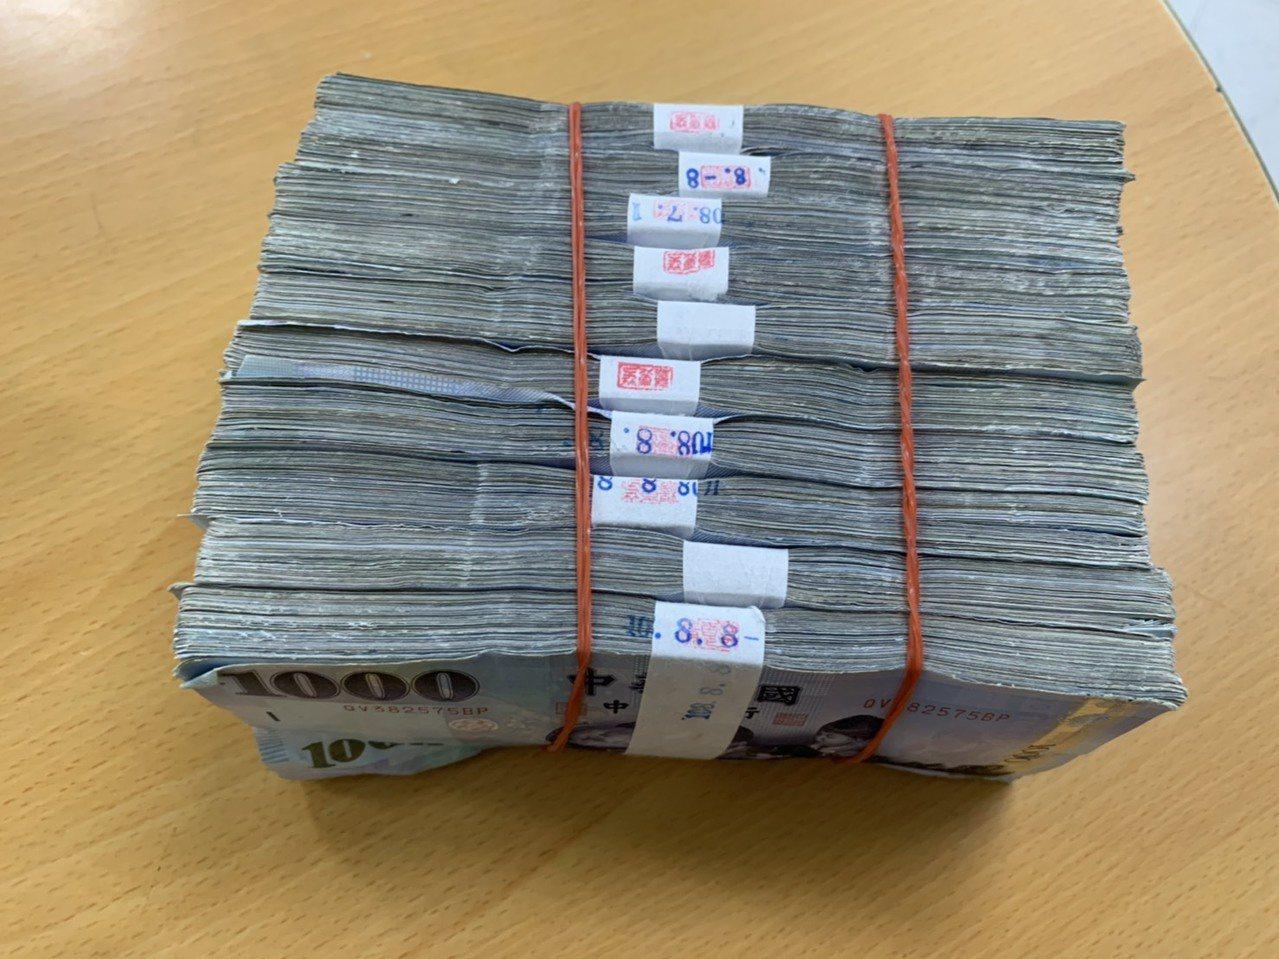 劉婦拾獲的詐騙車手掉落的100萬元。記者林保光/翻攝